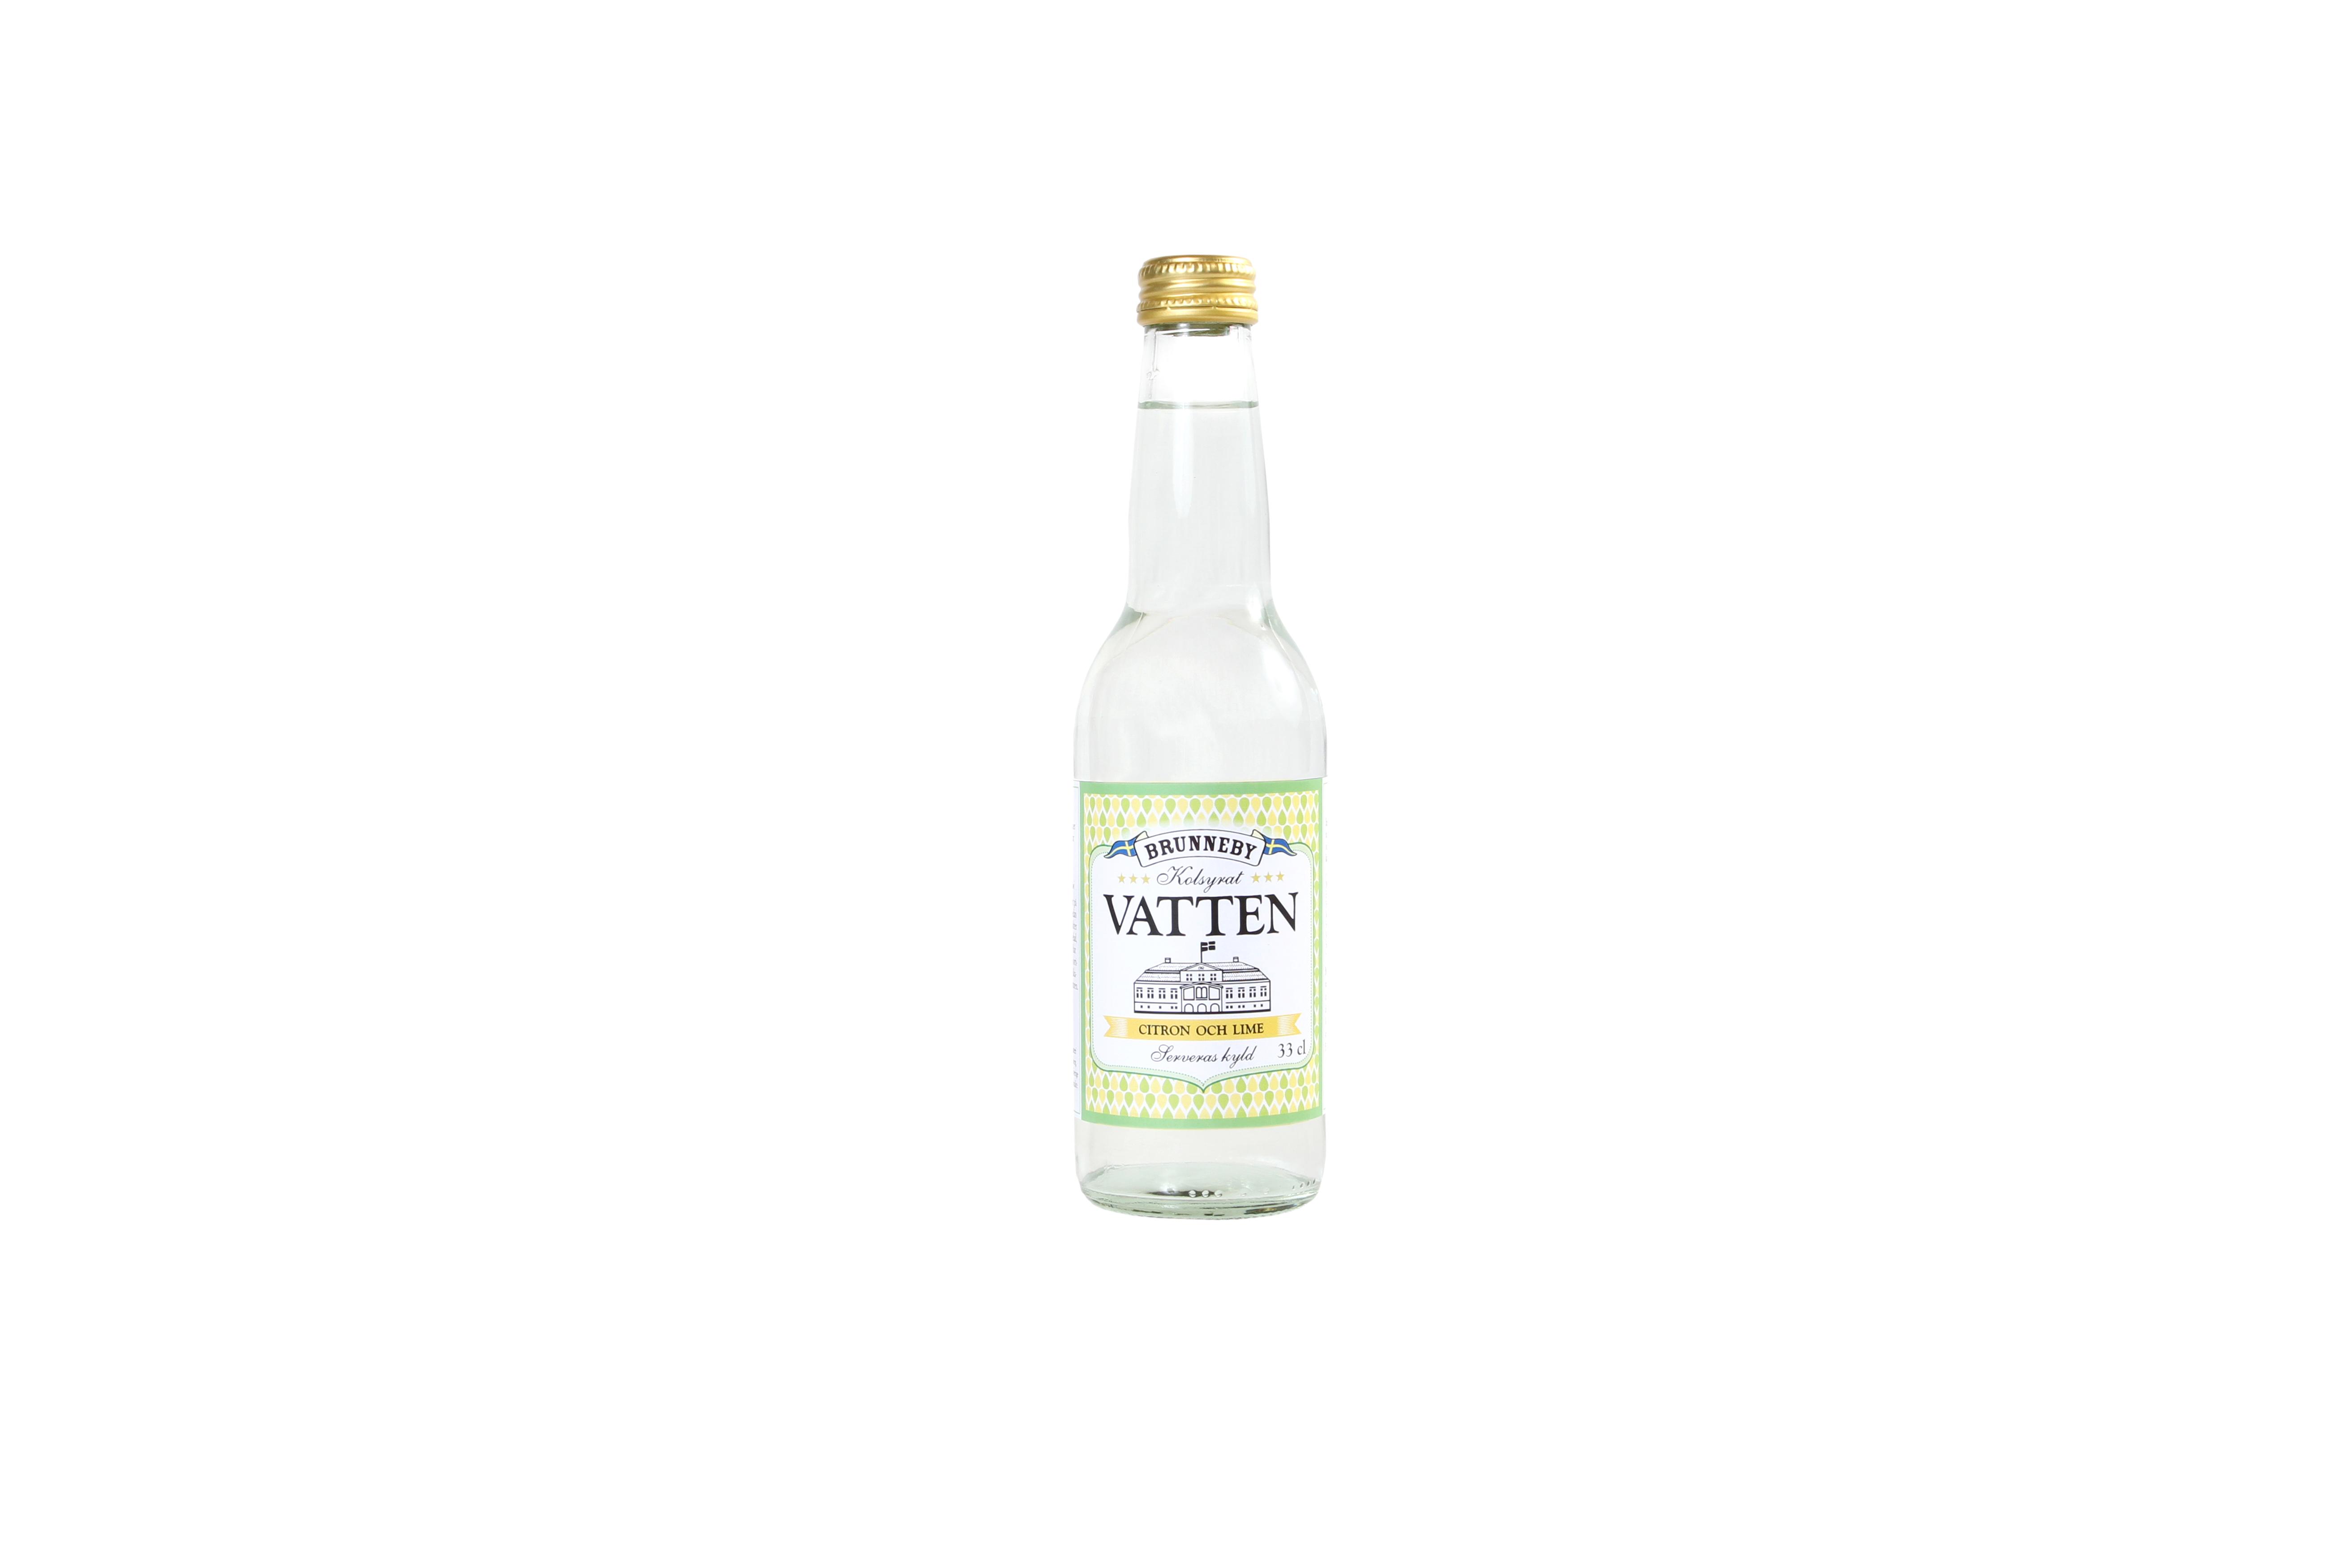 Högupplöst bild på Kolsyrat vatten citron och lime i 33cl flaska.